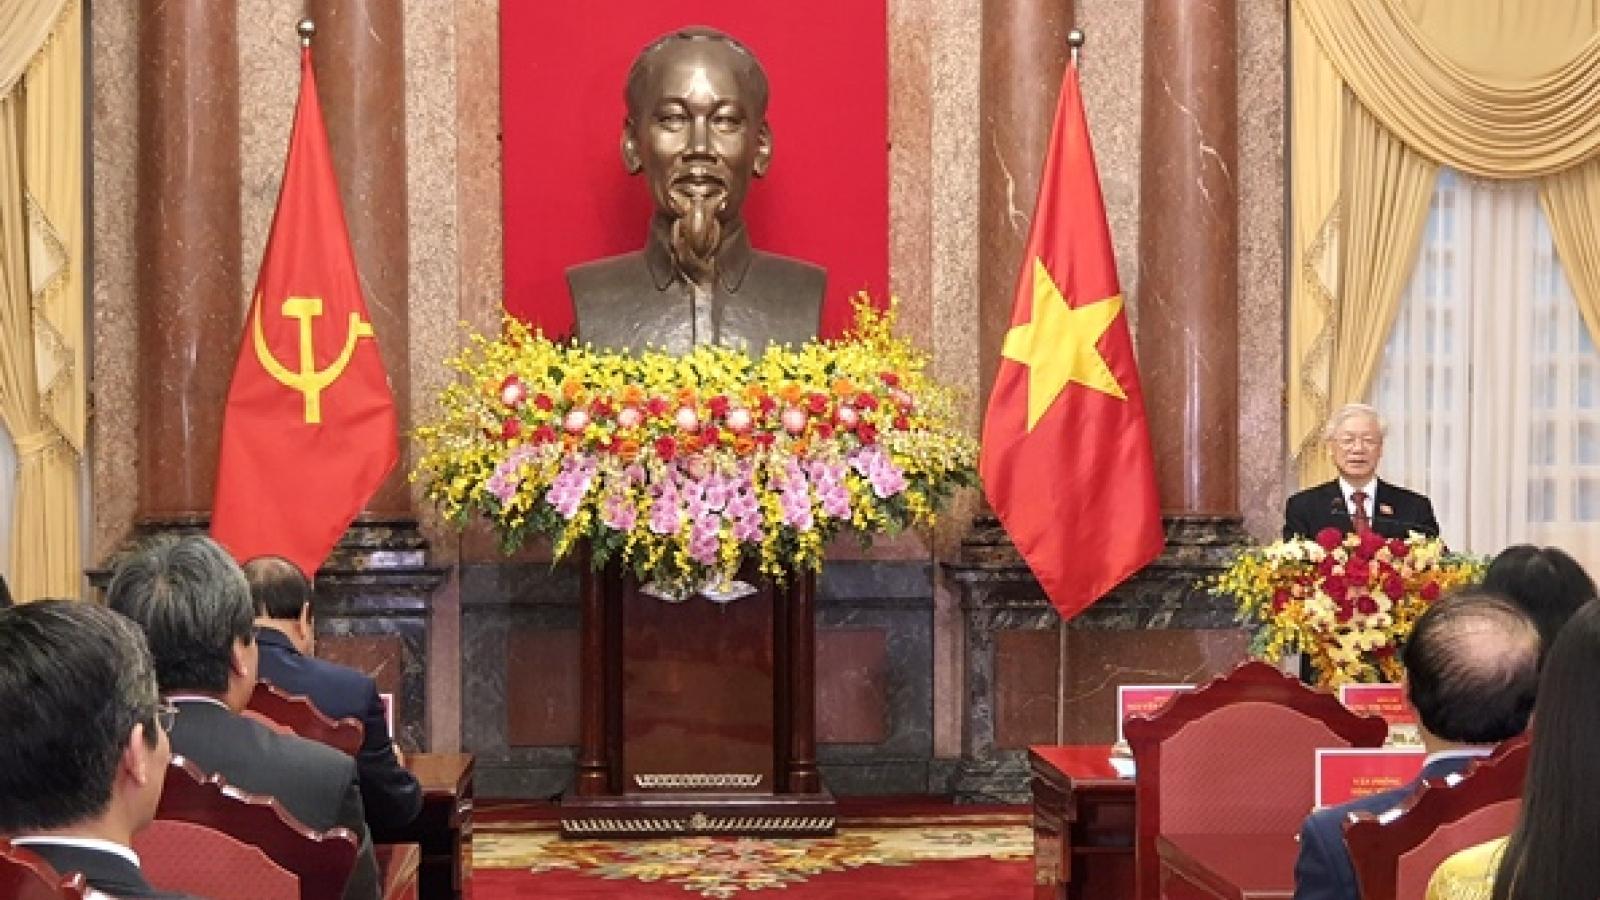 Bàn giao công tác giữa Tổng Bí thư Nguyễn Phú Trọng và Chủ tịch nước Nguyễn Xuân Phúc